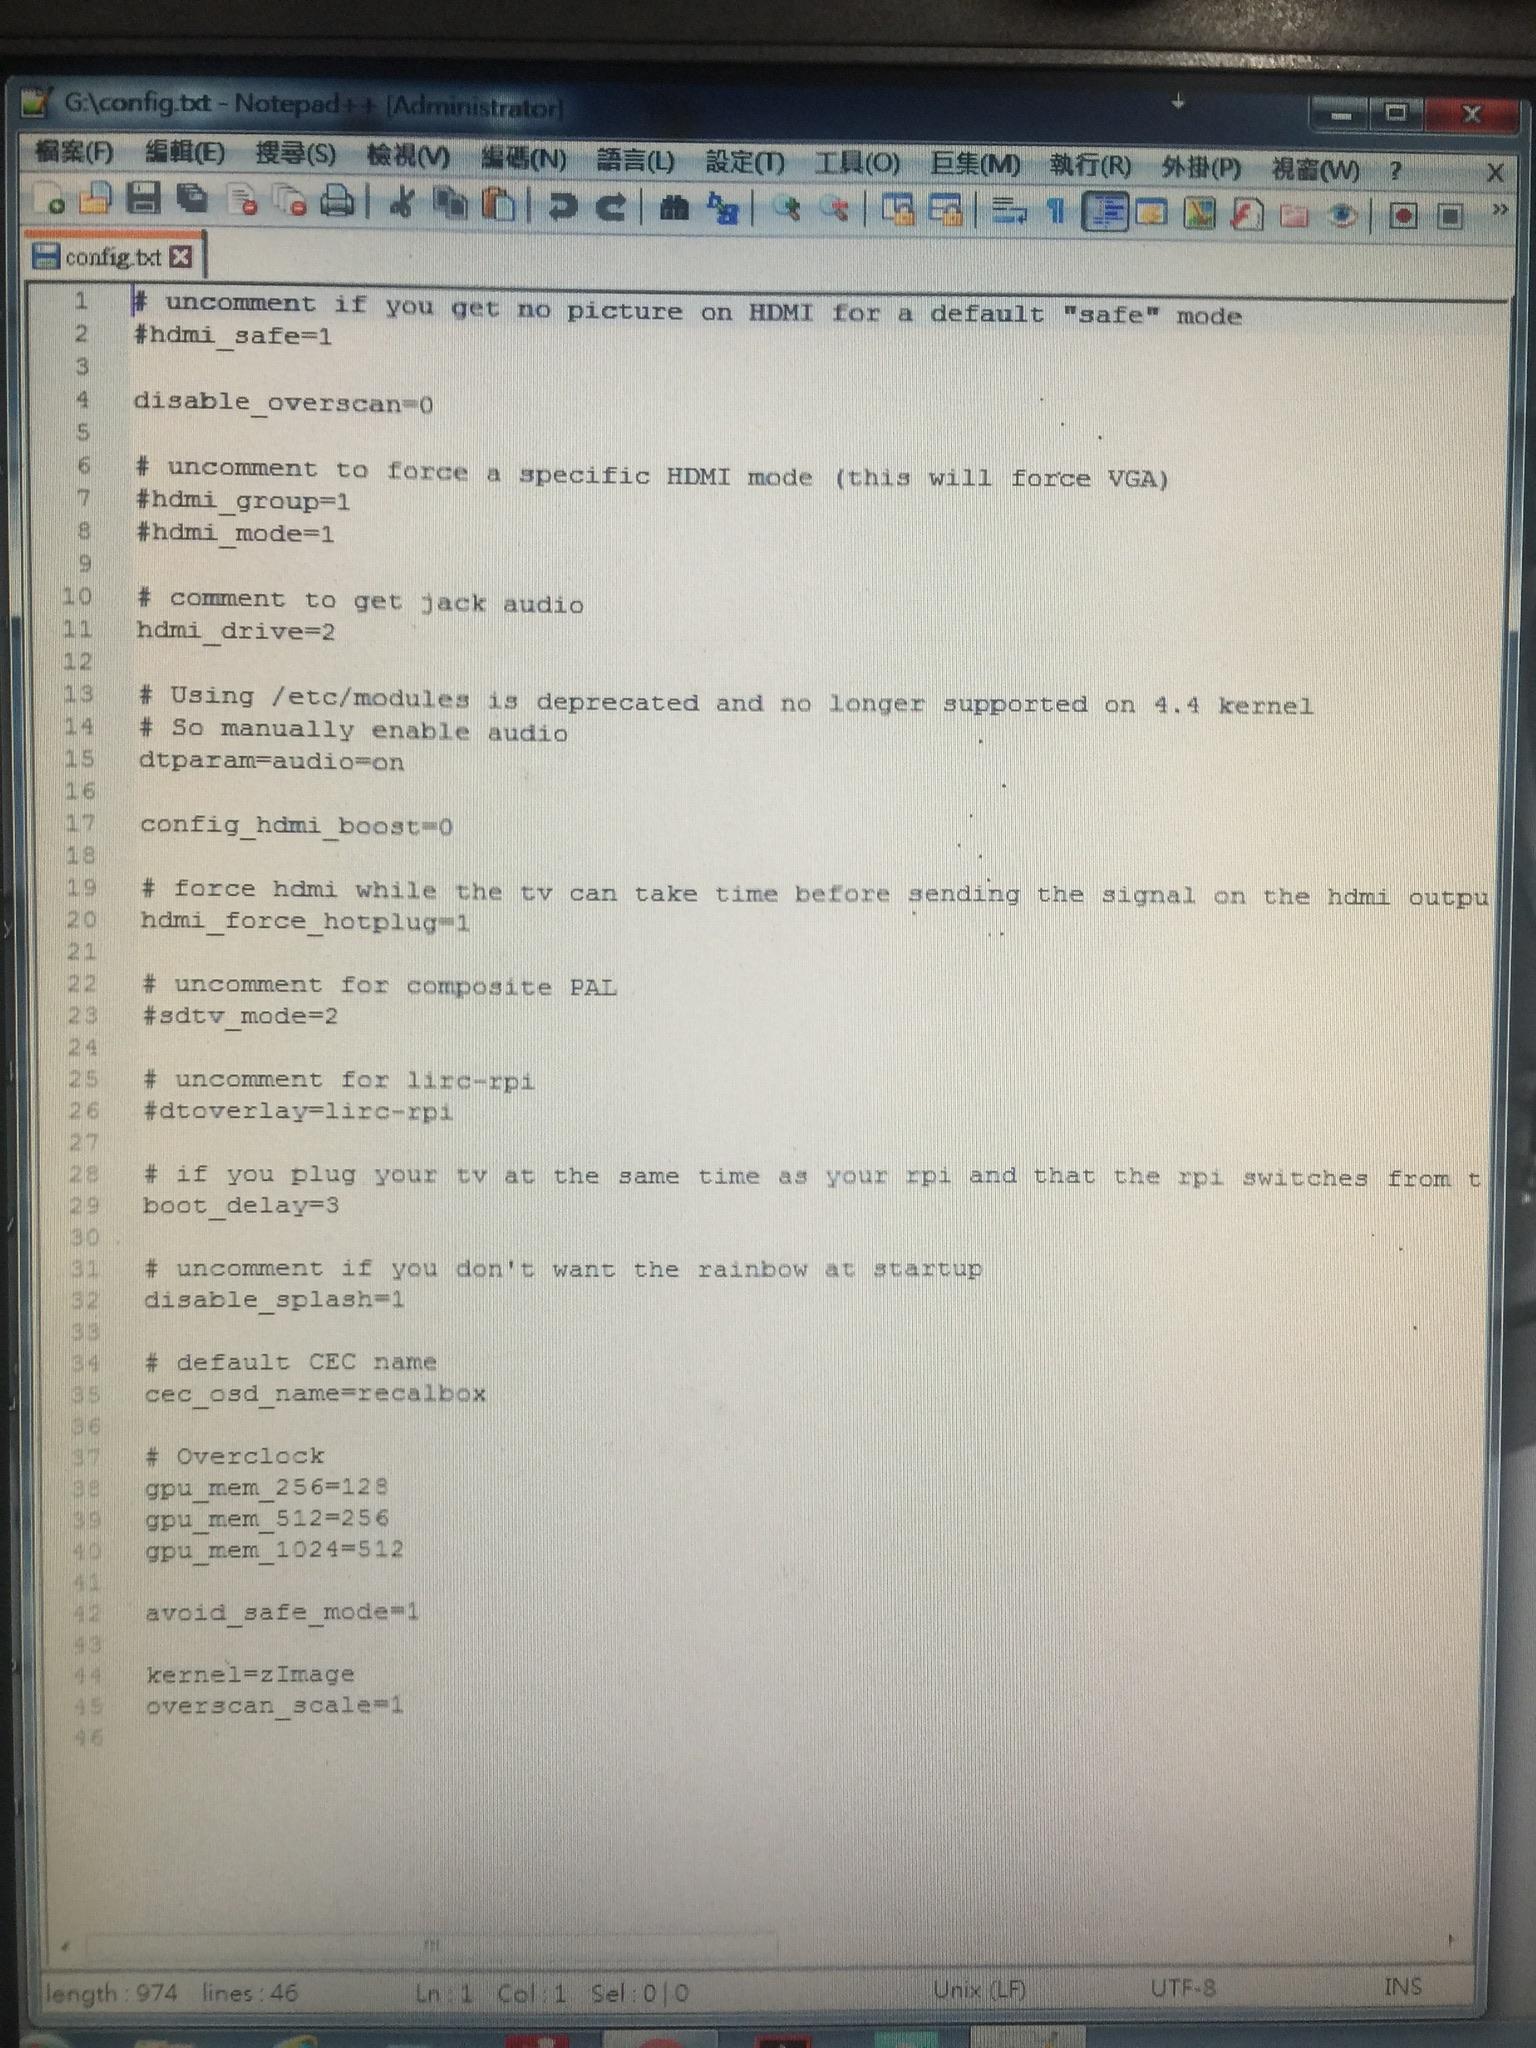 0_1521051994661_6CDF925D-ACDE-4381-95E2-8FC358D4A9E1.jpeg